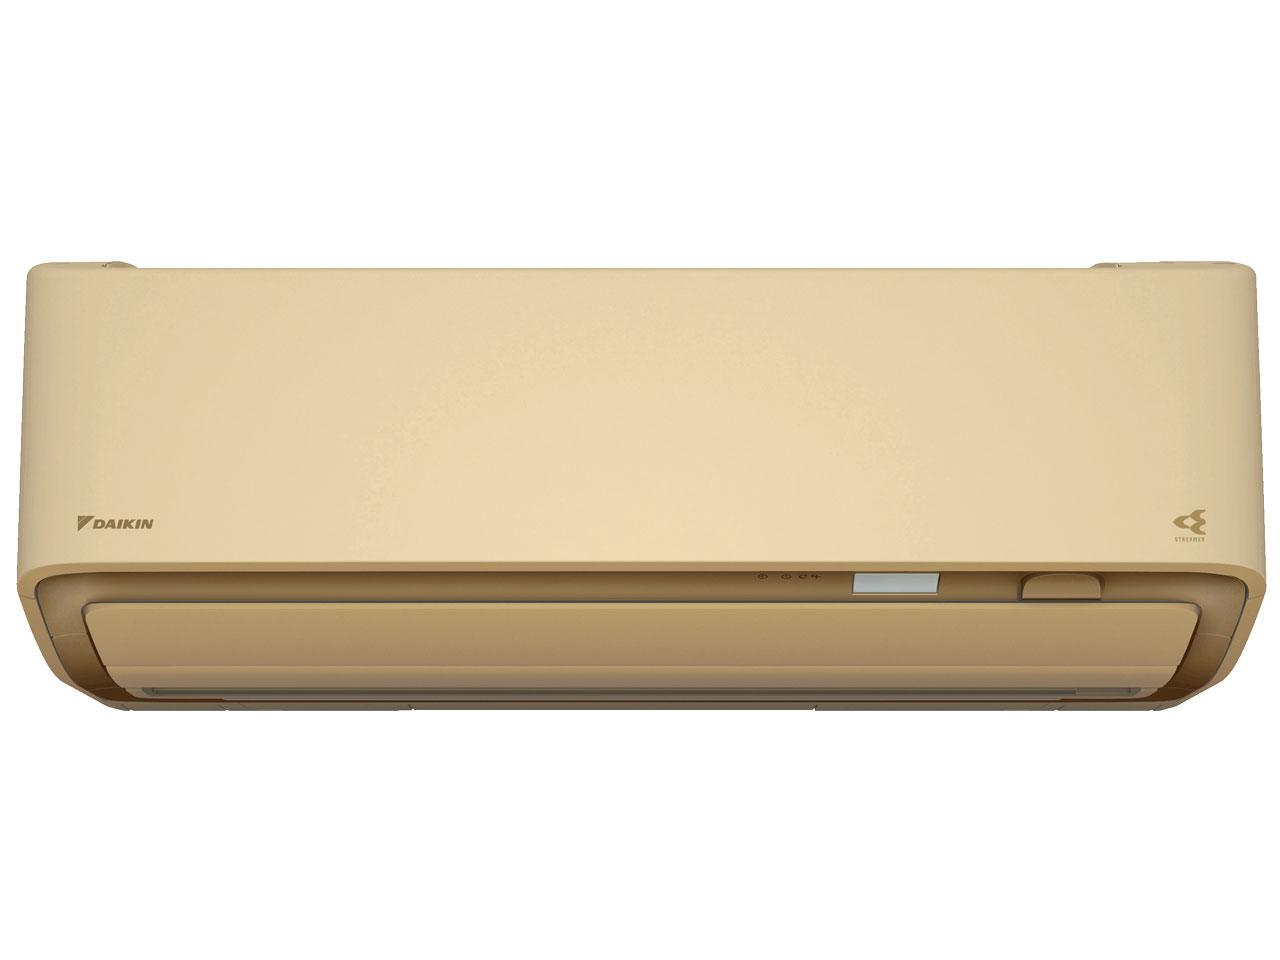 ダイキン 19年モデル うるさら7 RXシリーズ S90WTRXV-C 【200V用 電源直結型】29畳用冷暖房除湿エアコン